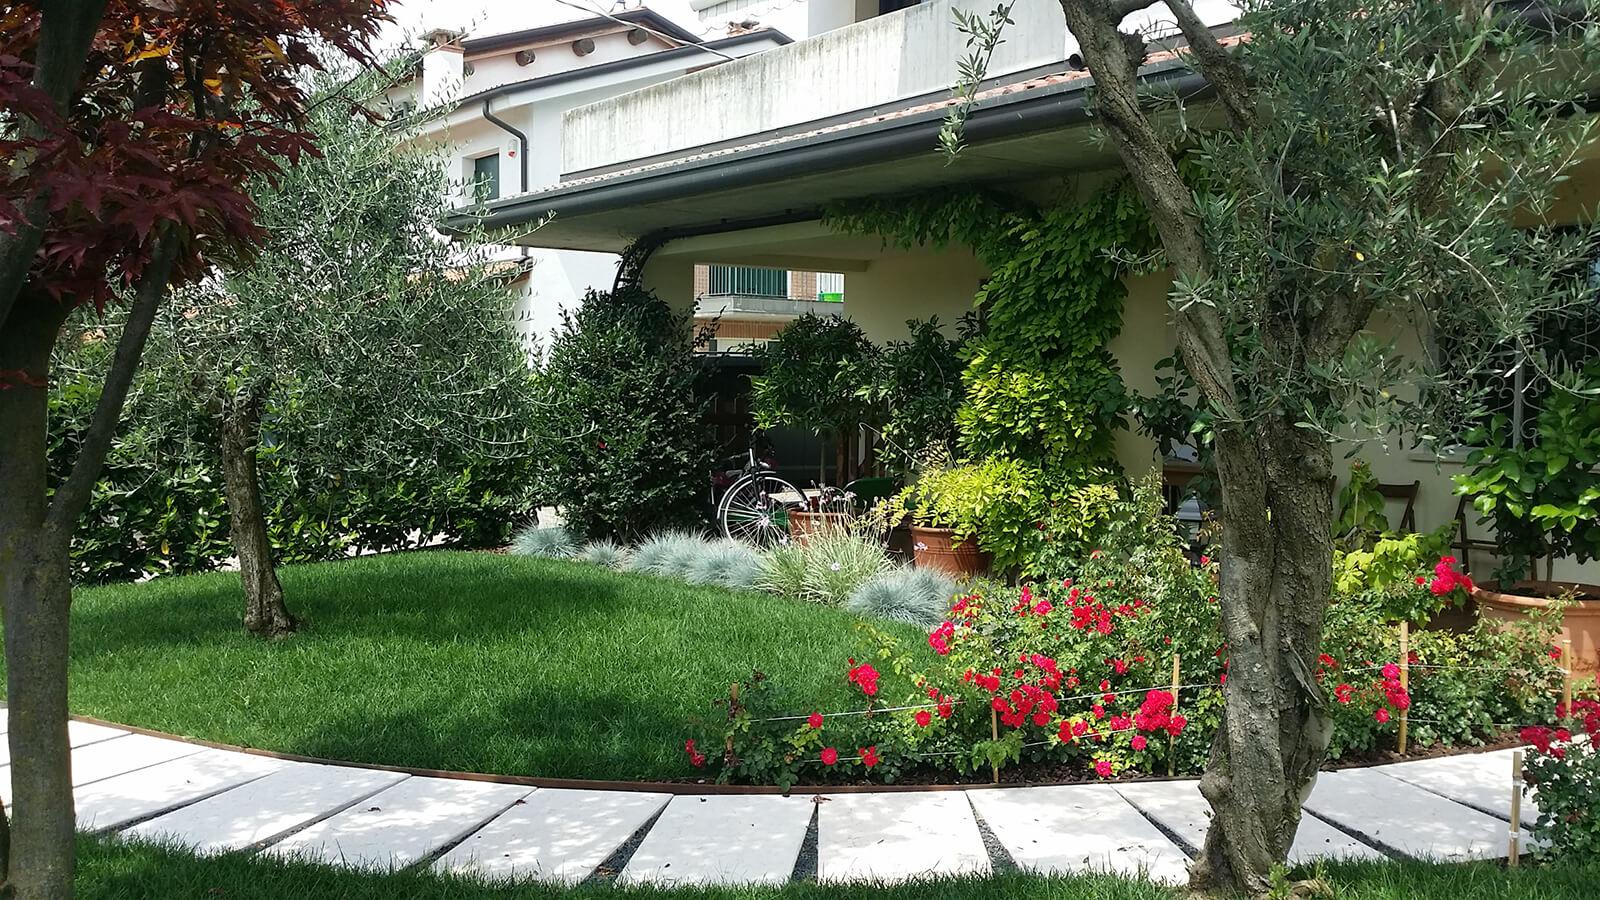 progettazione realizzazione giardini costabissara - verde blu giardini 10